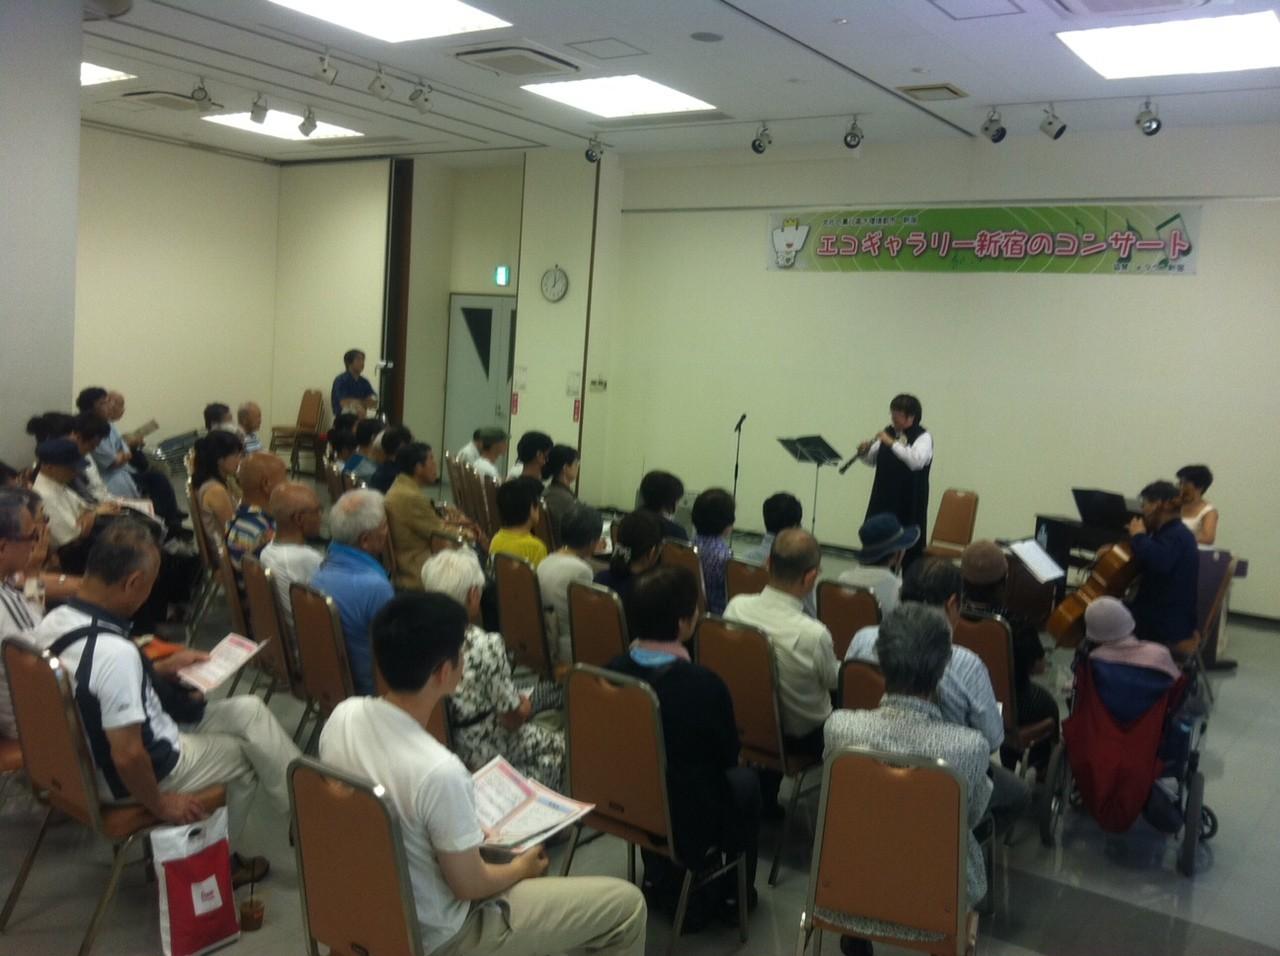 東京都新宿区、エコギャラリー新宿コンサート